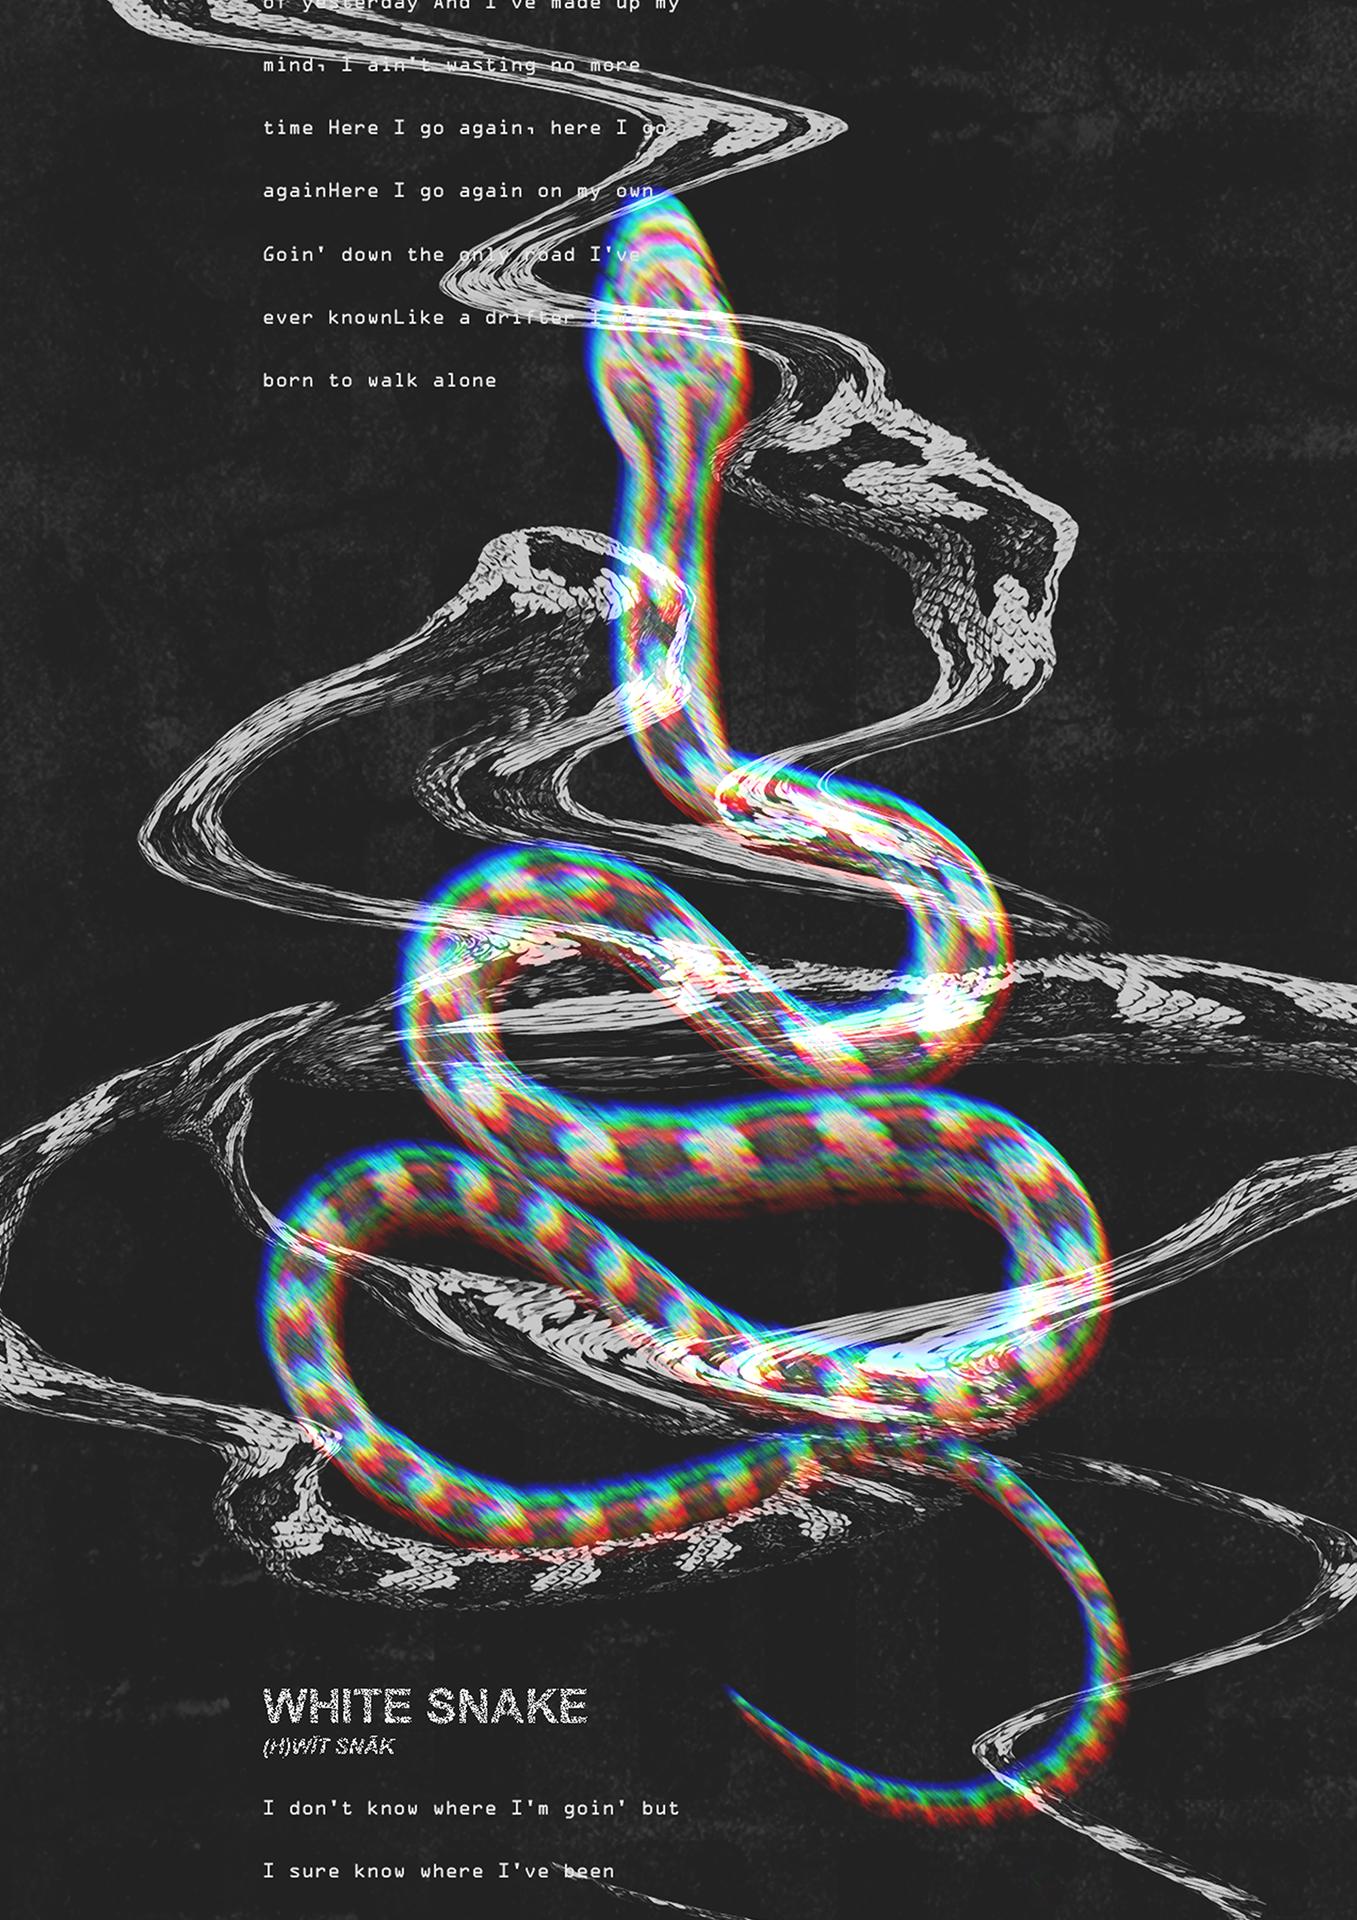 White Snake Poster Design Snake Wallpaper Typography Poster Design Graphic Wallpaper